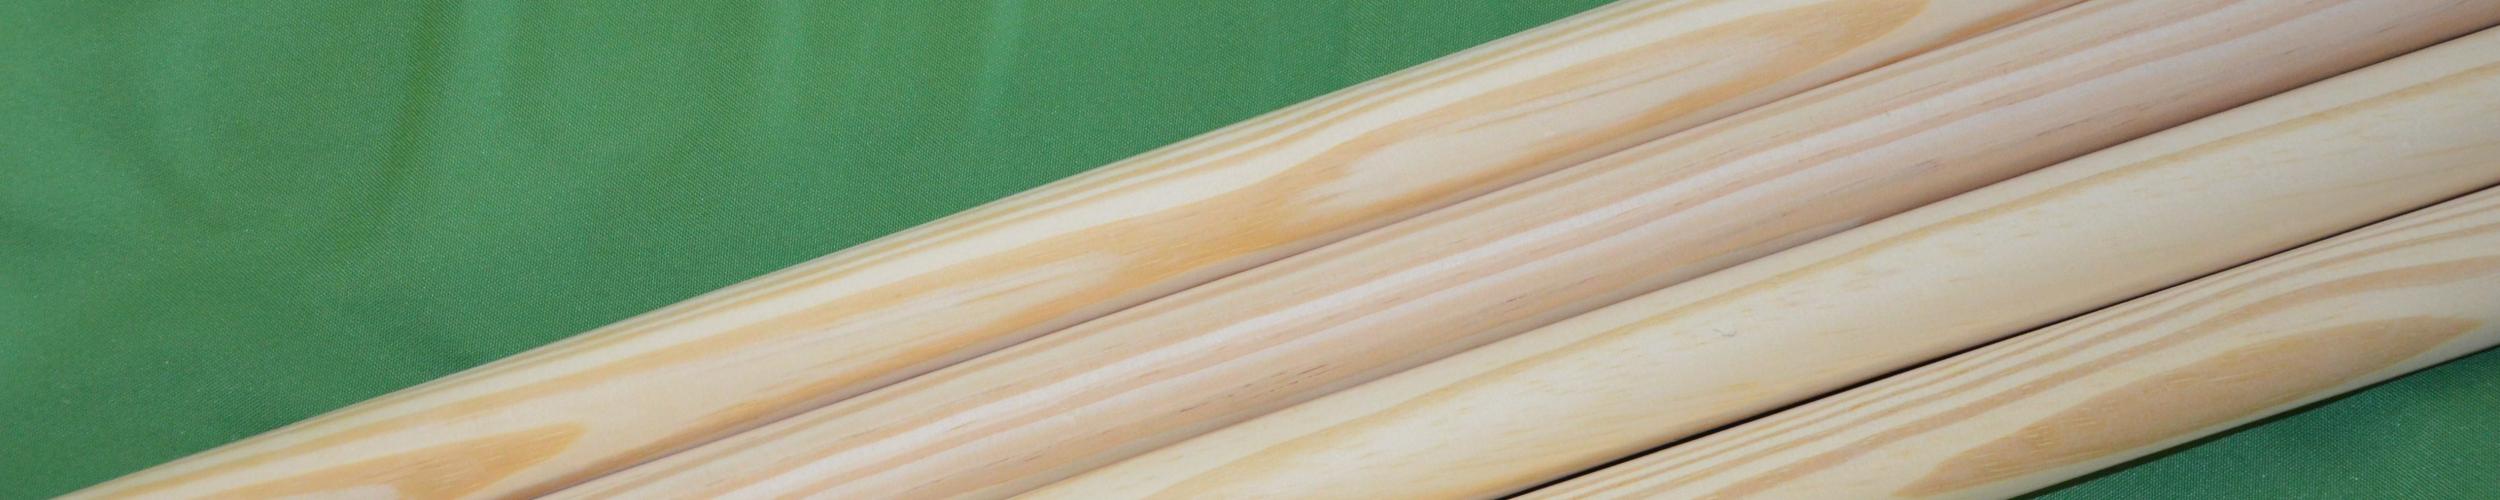 Windscherm Groen 4 meter Stockactie115